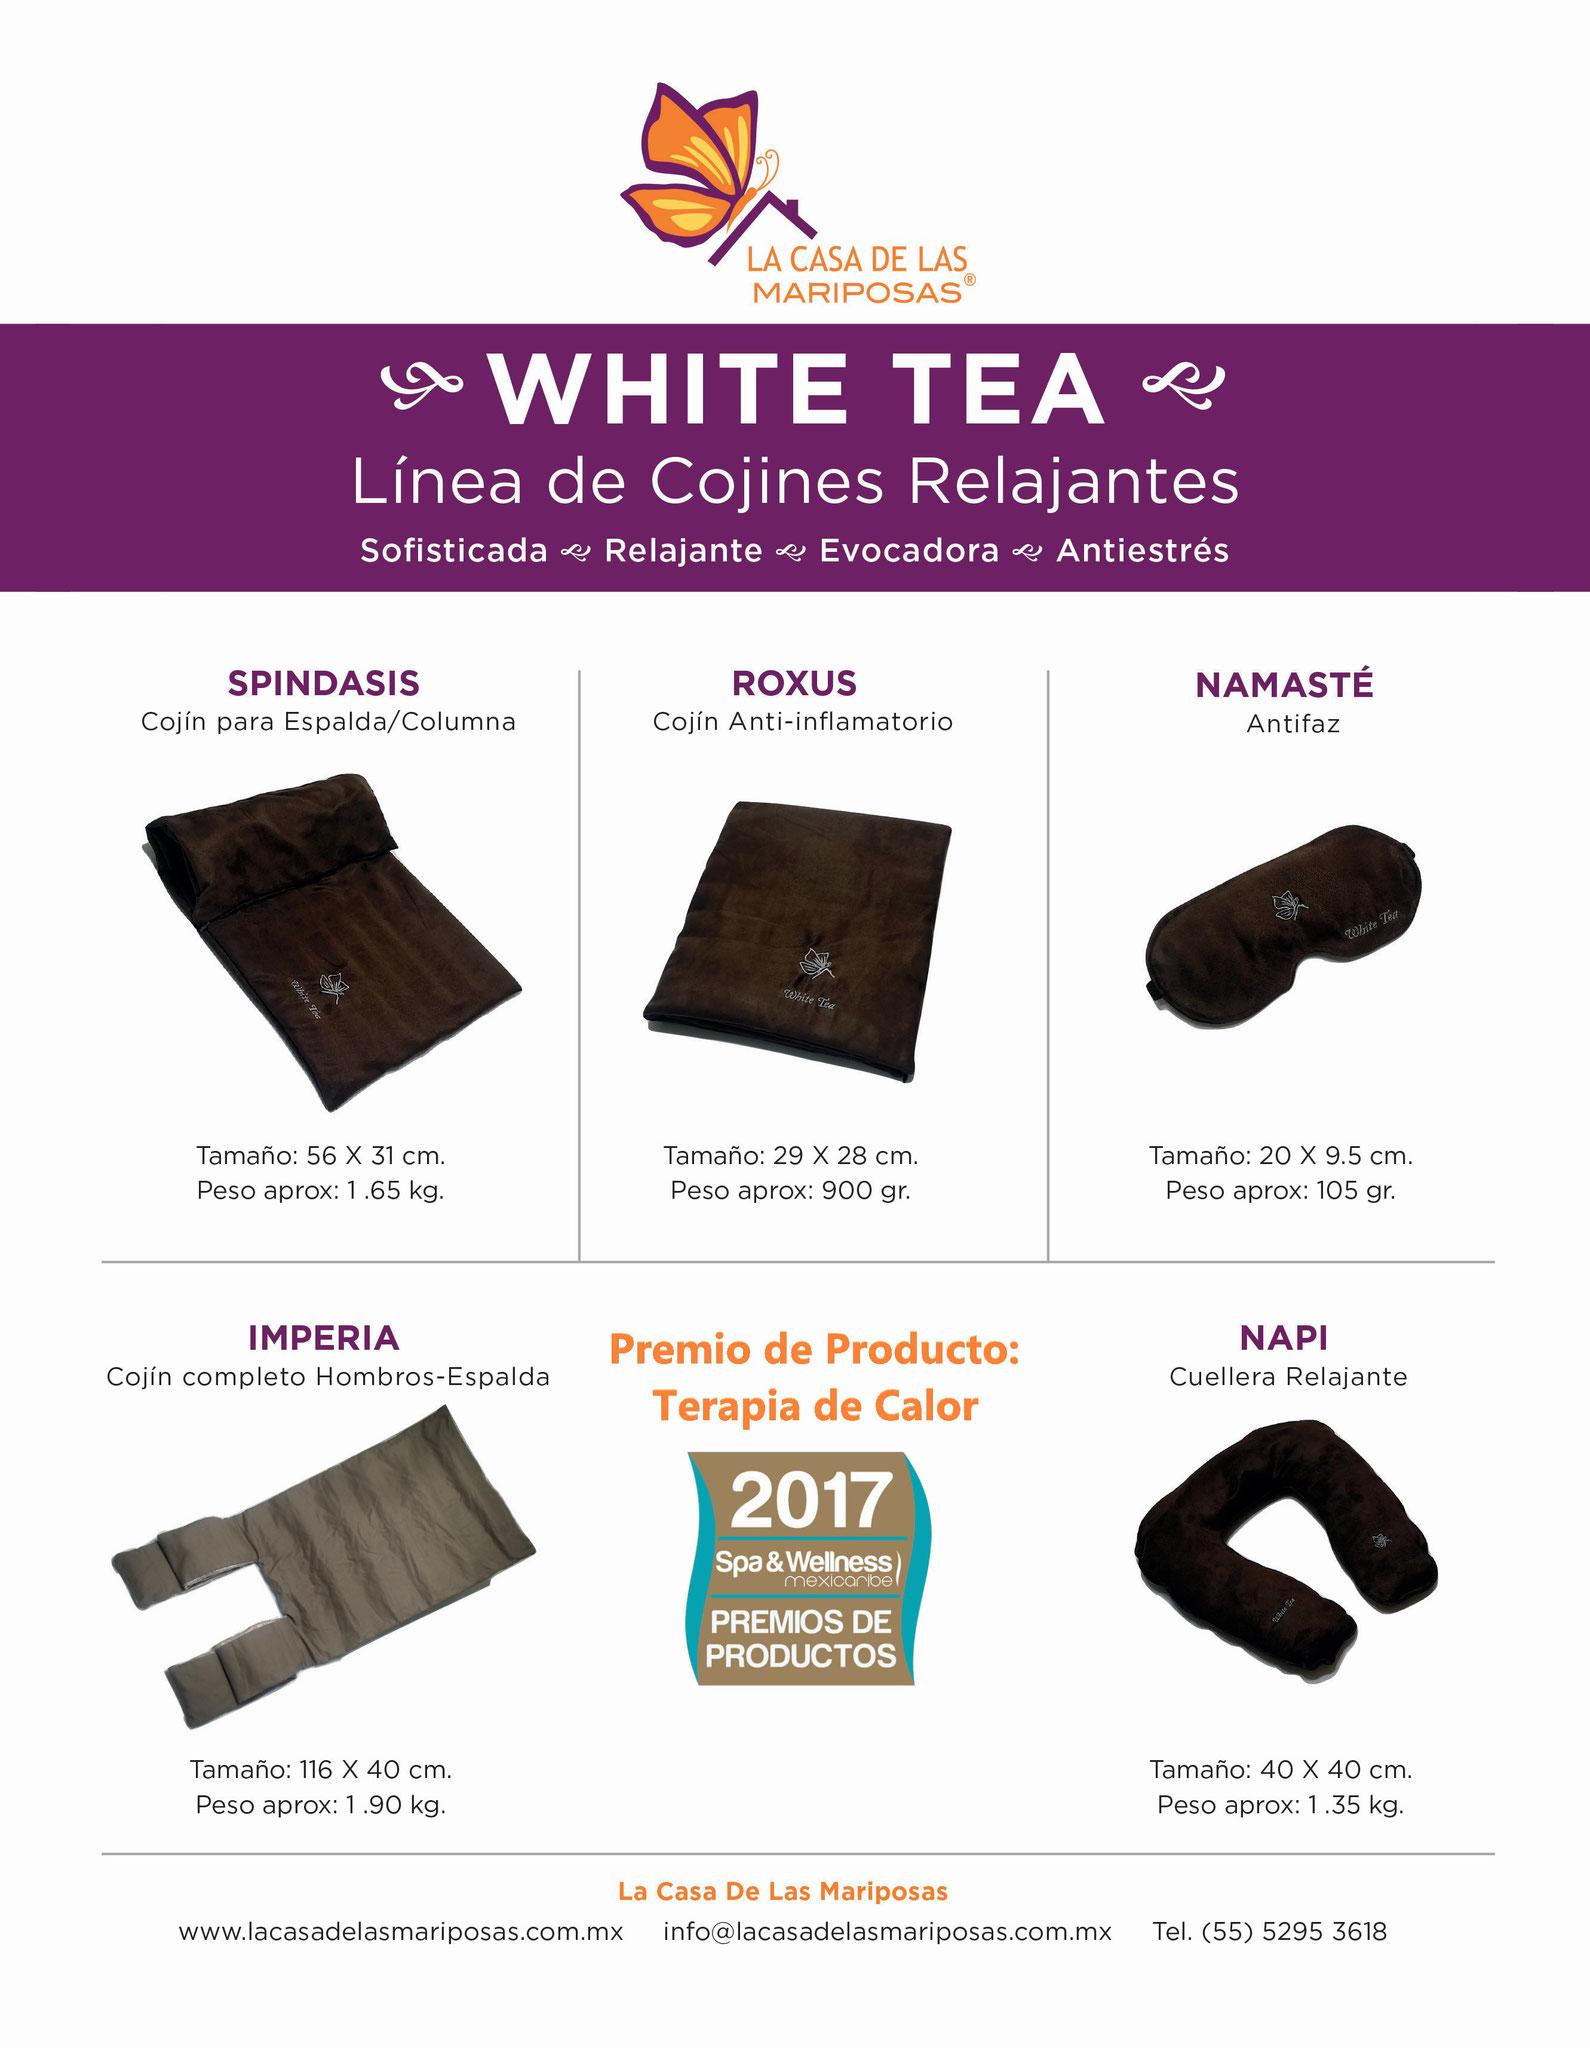 Seguimos Mejorando Para Tí. Nuestra Línea de Cojines Relajantes WHITE TEA fue premiada por la MEJOR TERAPIA DE CALOR